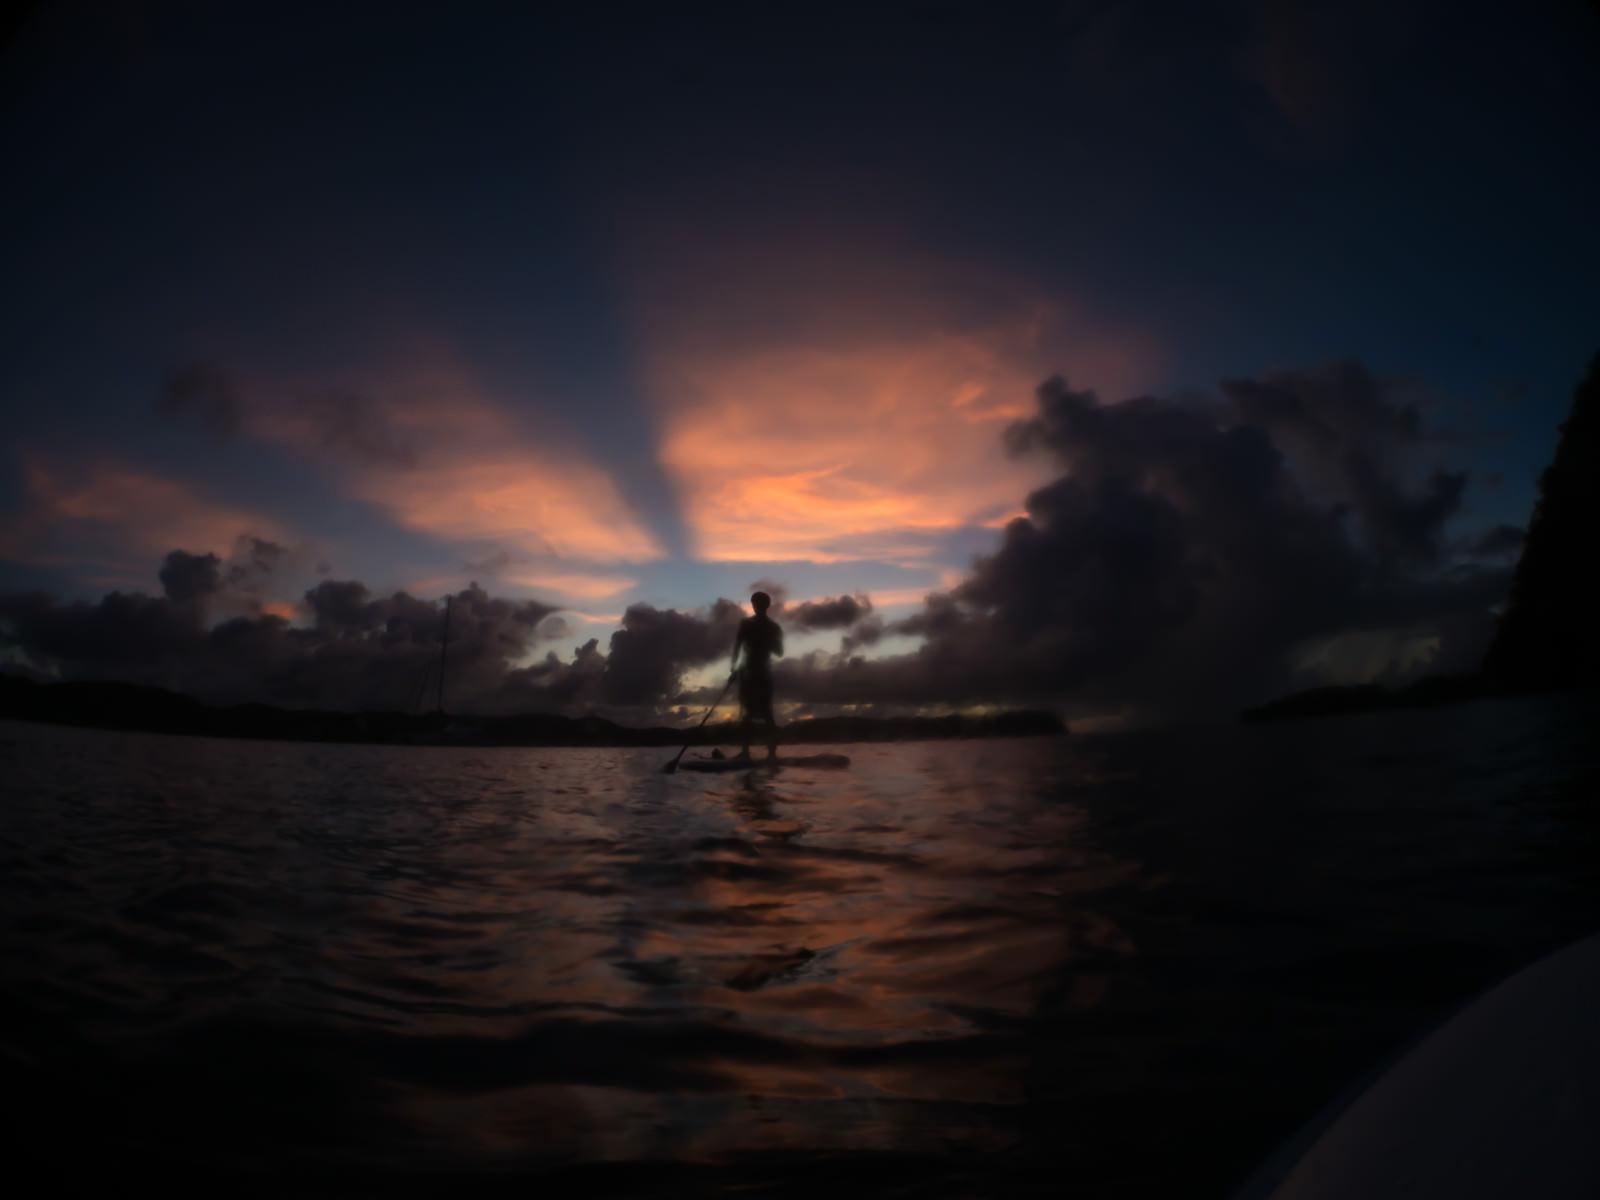 「夕暮れ時にイカダを漕ぐ少年のシルエット」の写真